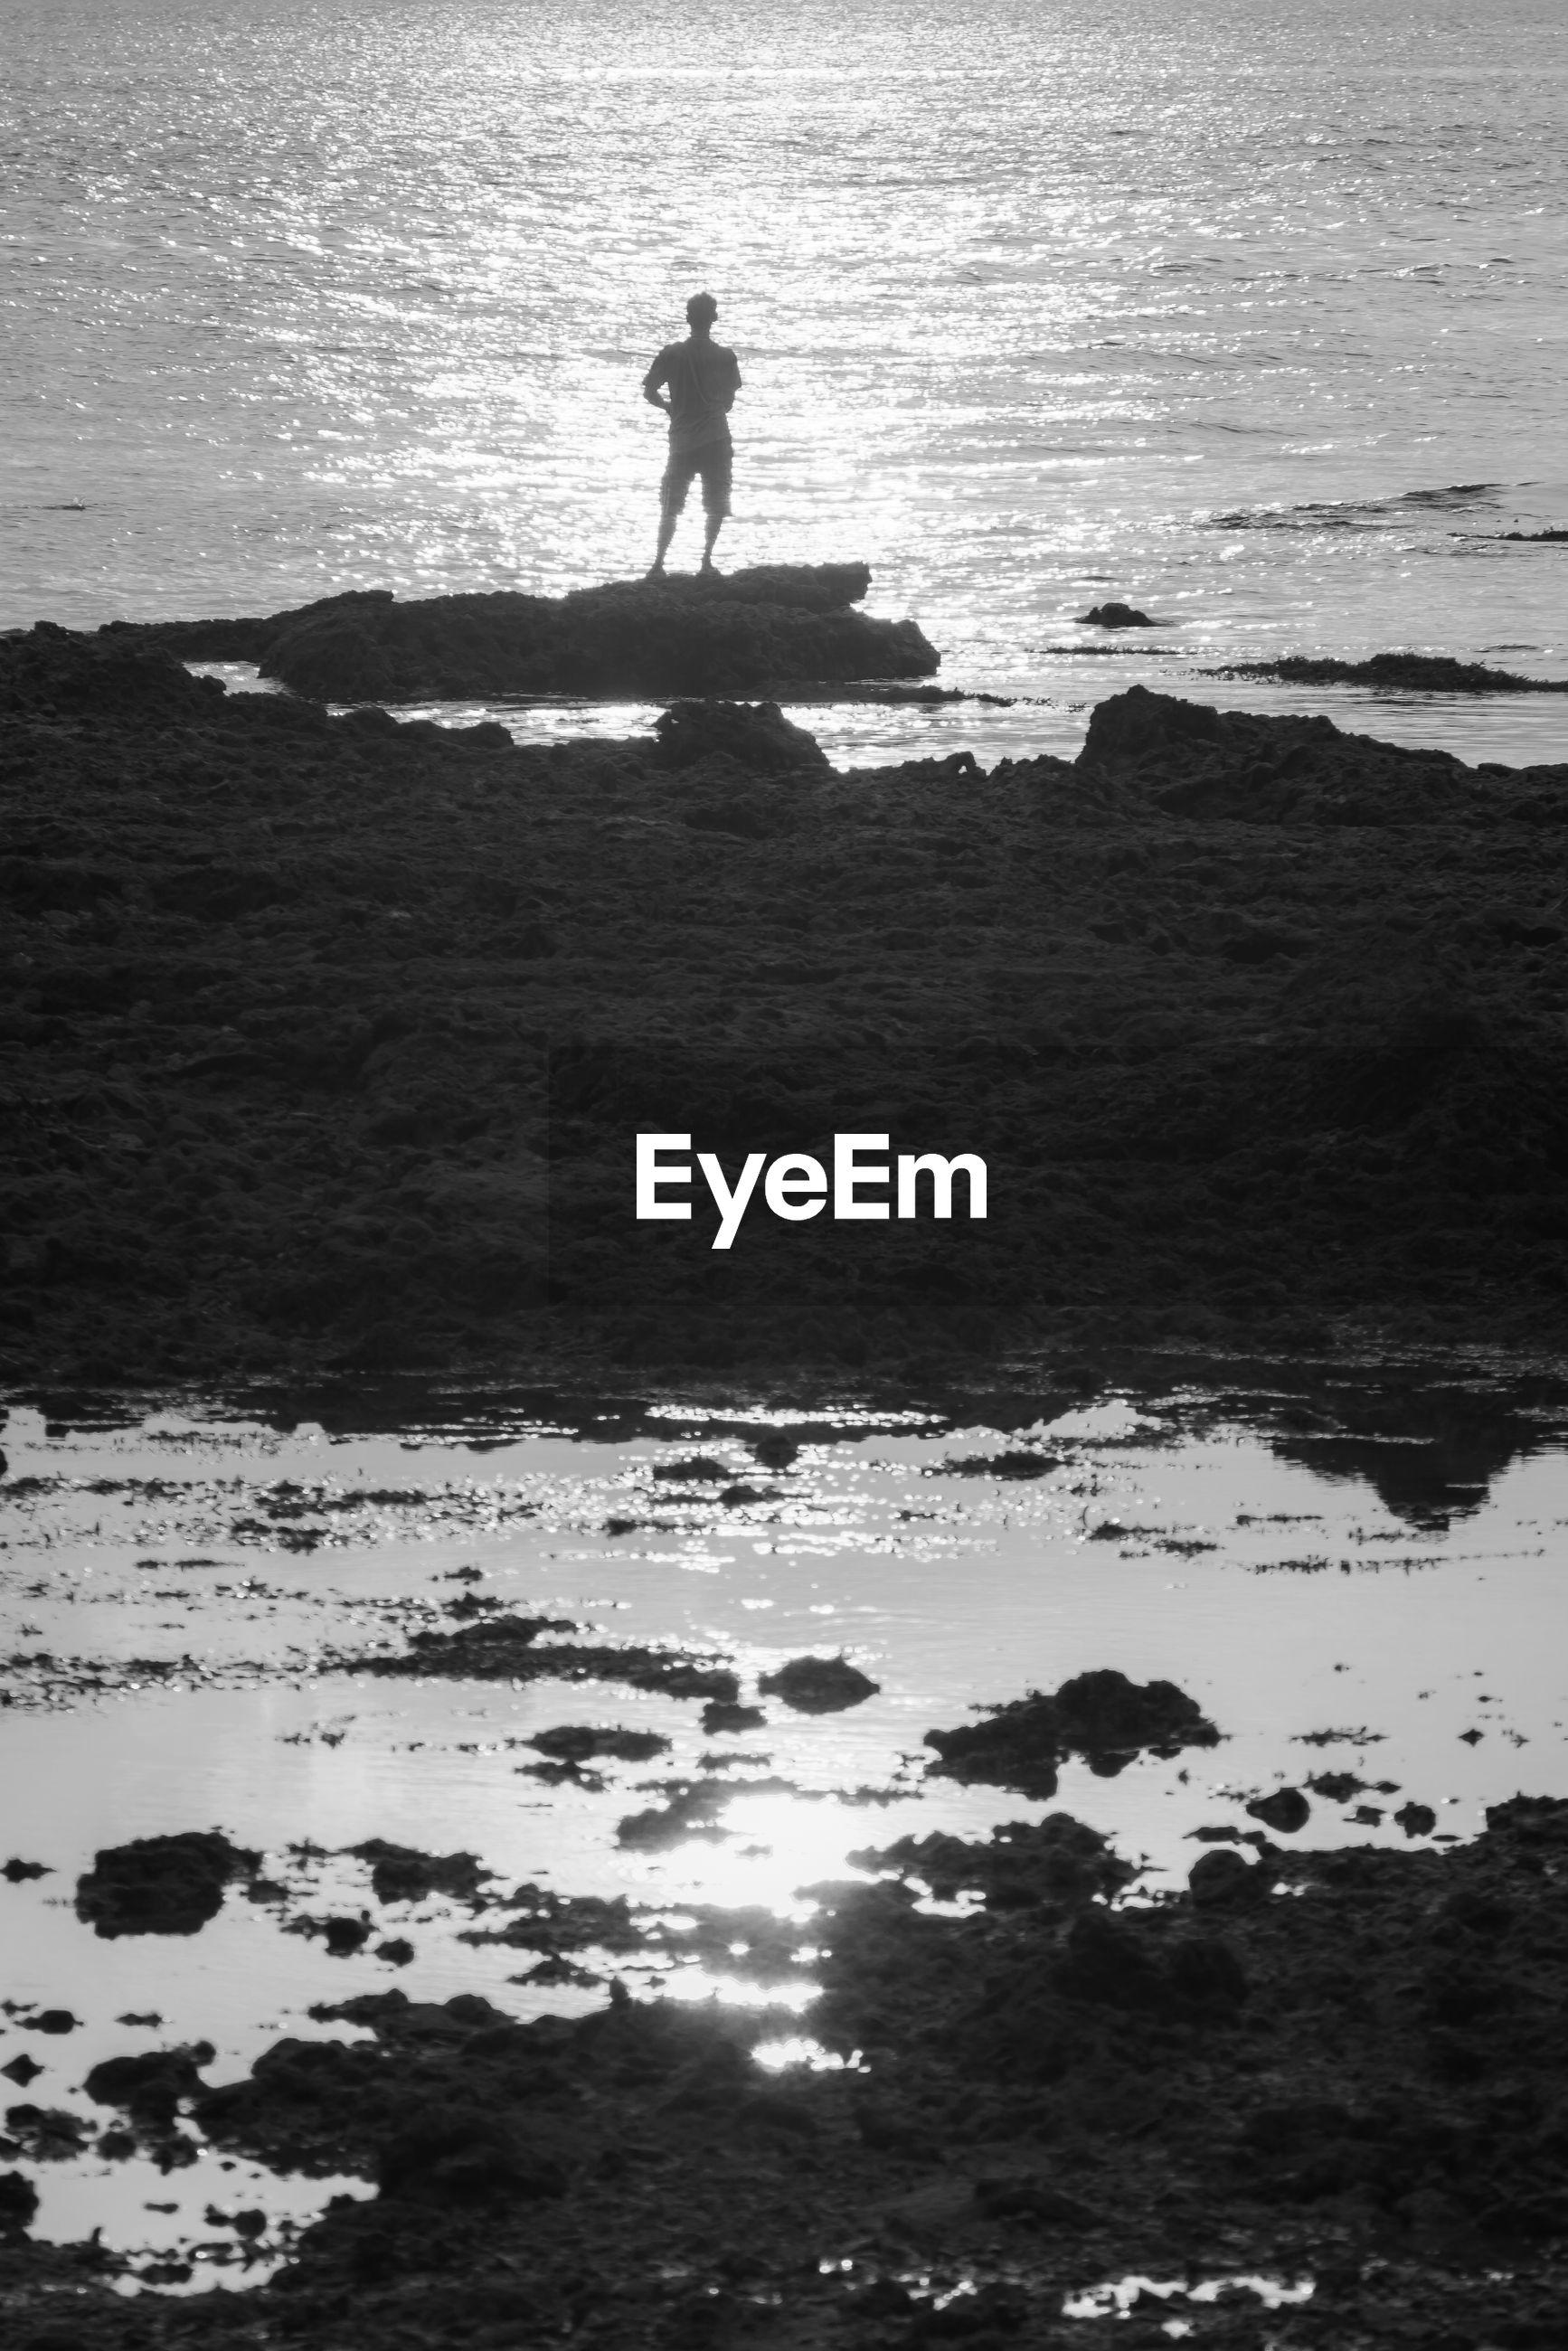 SILHOUETTE MAN AT BEACH